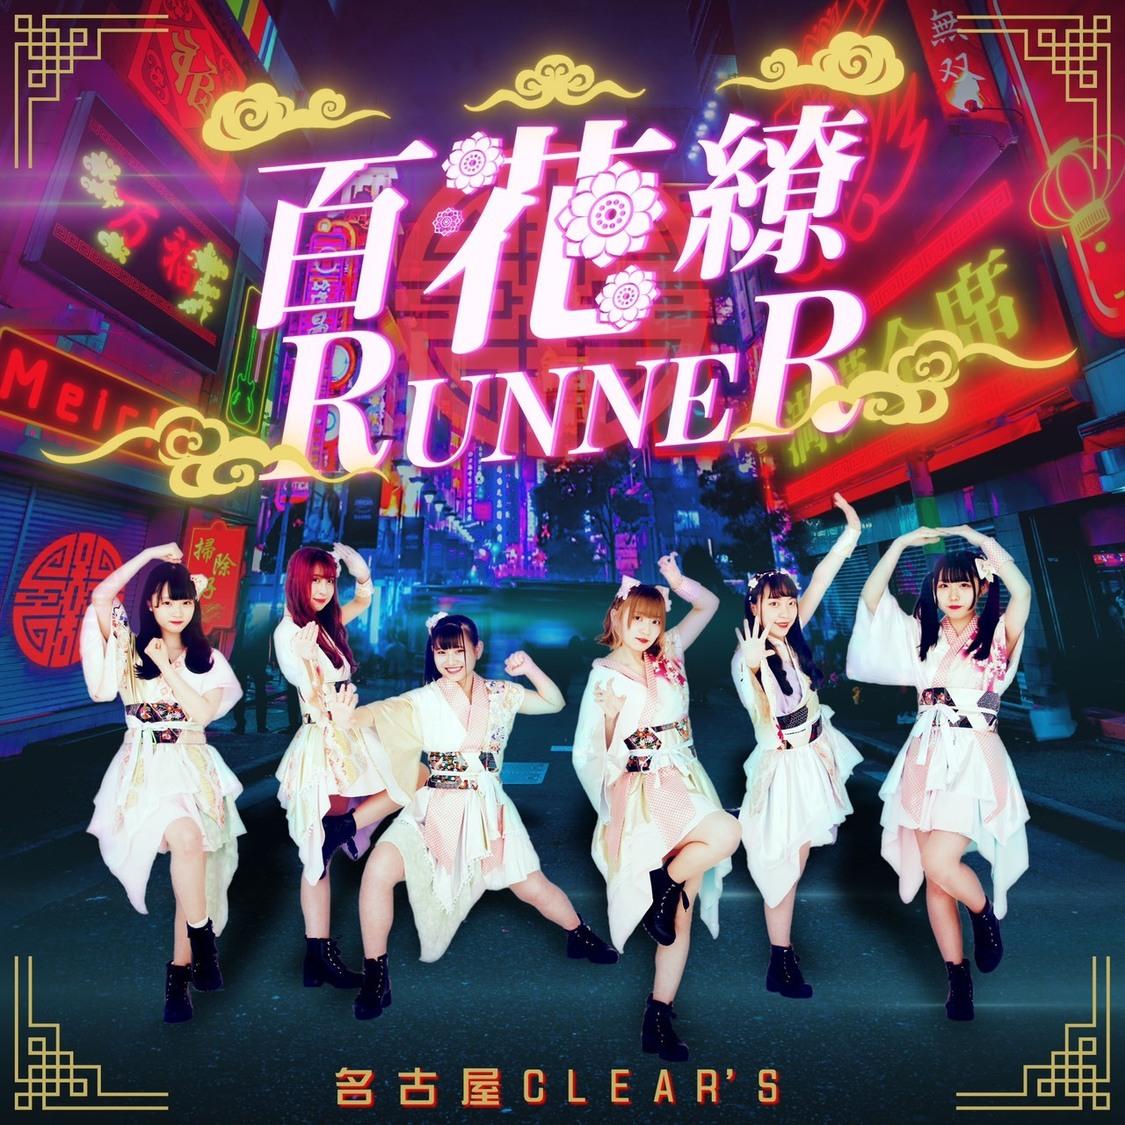 名古屋CLEAR'S、新SG「百花繚RUNNER」配信リリース!Twitterリプ祭り実施も